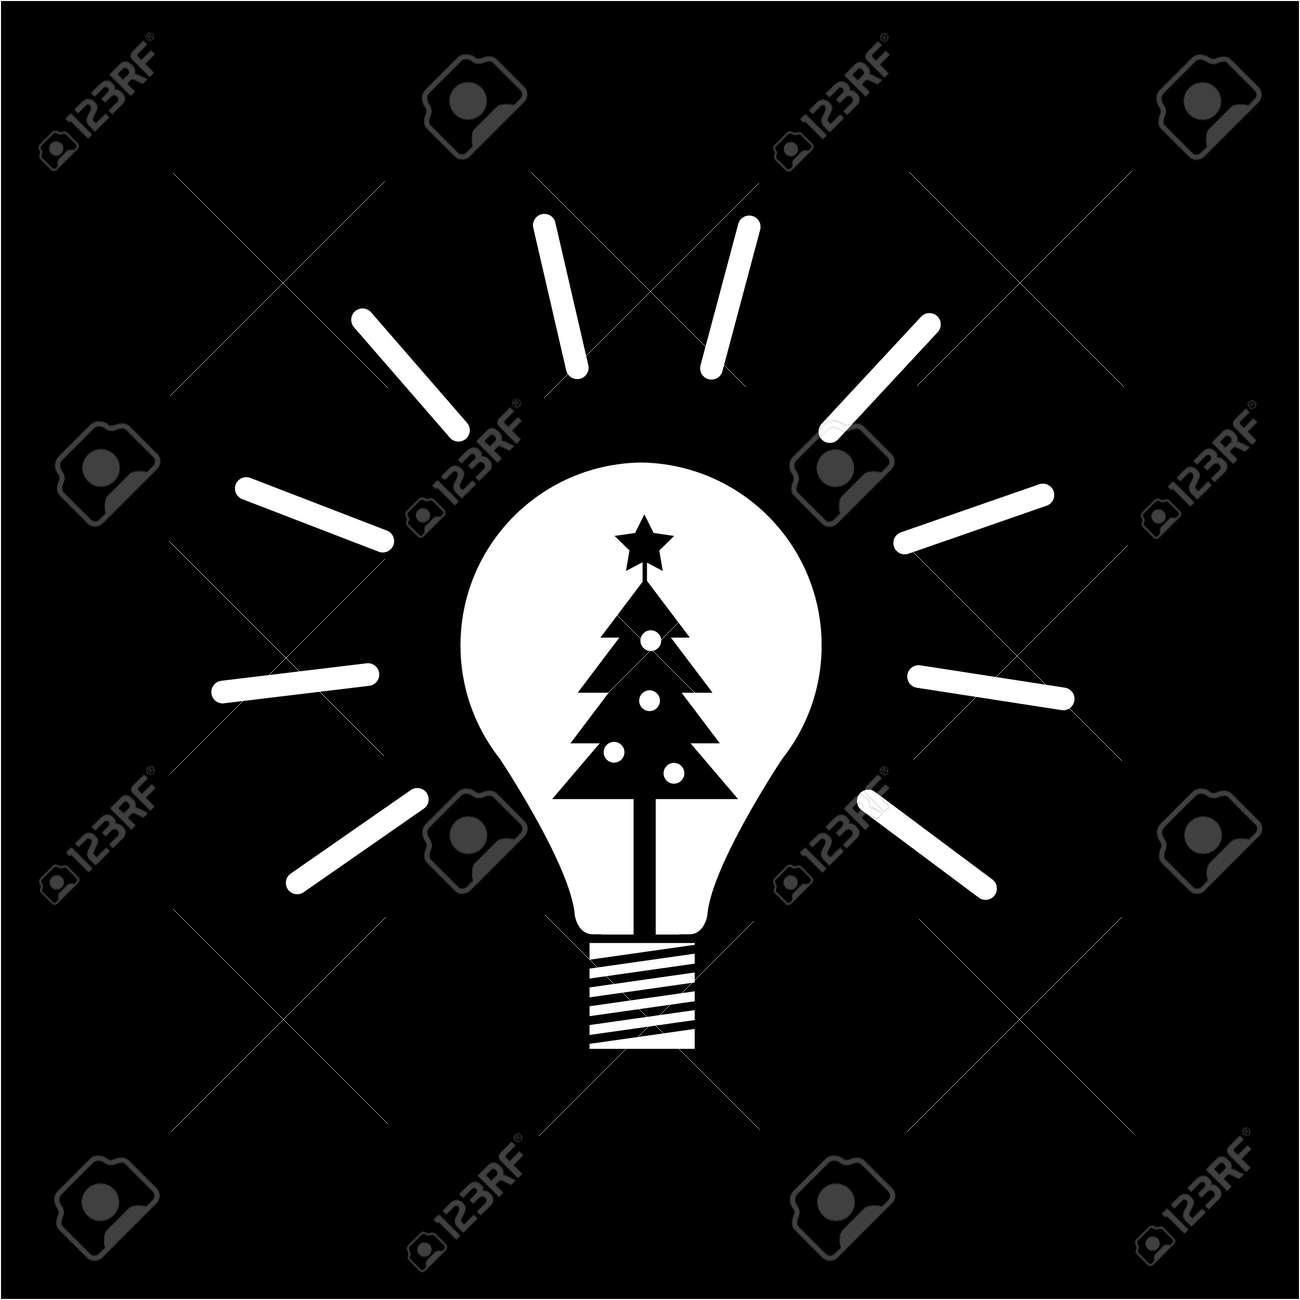 Vector Neue Idee Symbol Glühbirne Mit Weihnachtsbaum Innen | Weiße ...